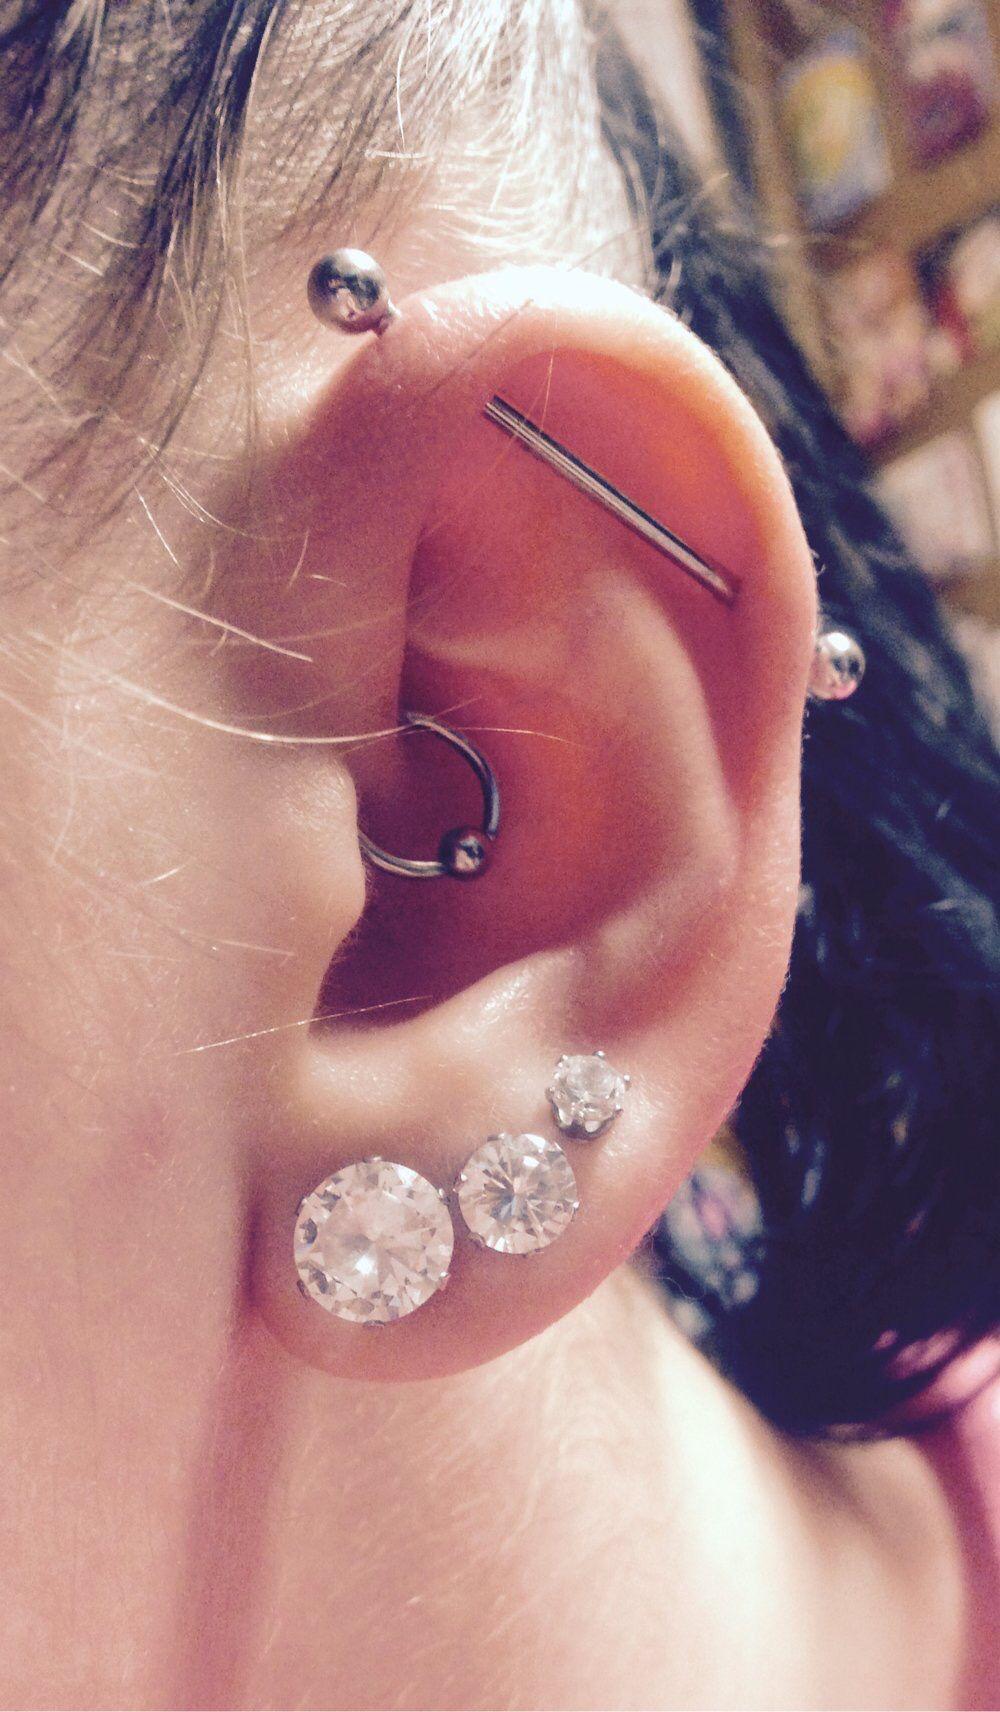 Triple Lobe Daith And Industrial Piercings Earings Piercings